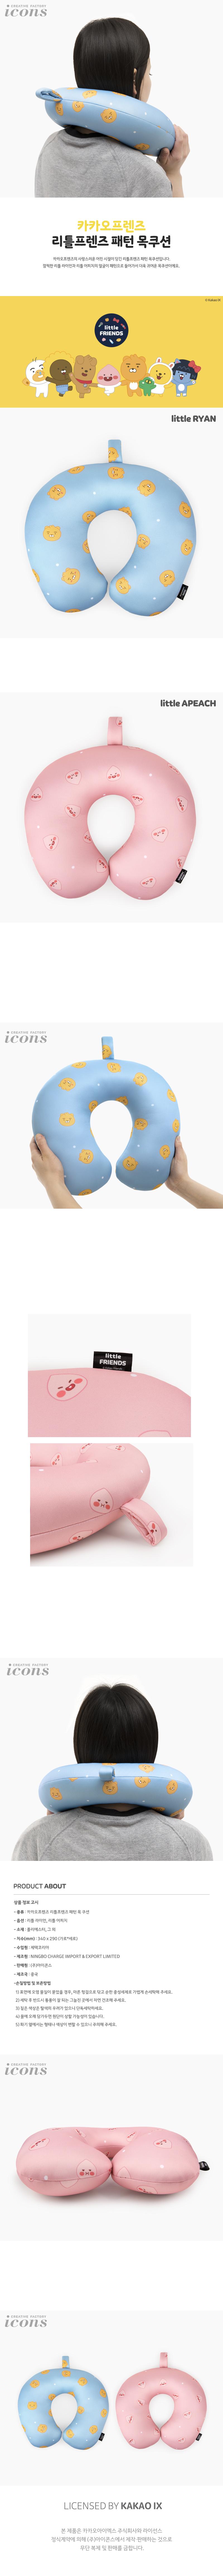 카카오프렌즈 패턴형 목쿠션 - 카카오프렌즈, 9,000원, 편의용품, 목쿠션/안대/슬리퍼